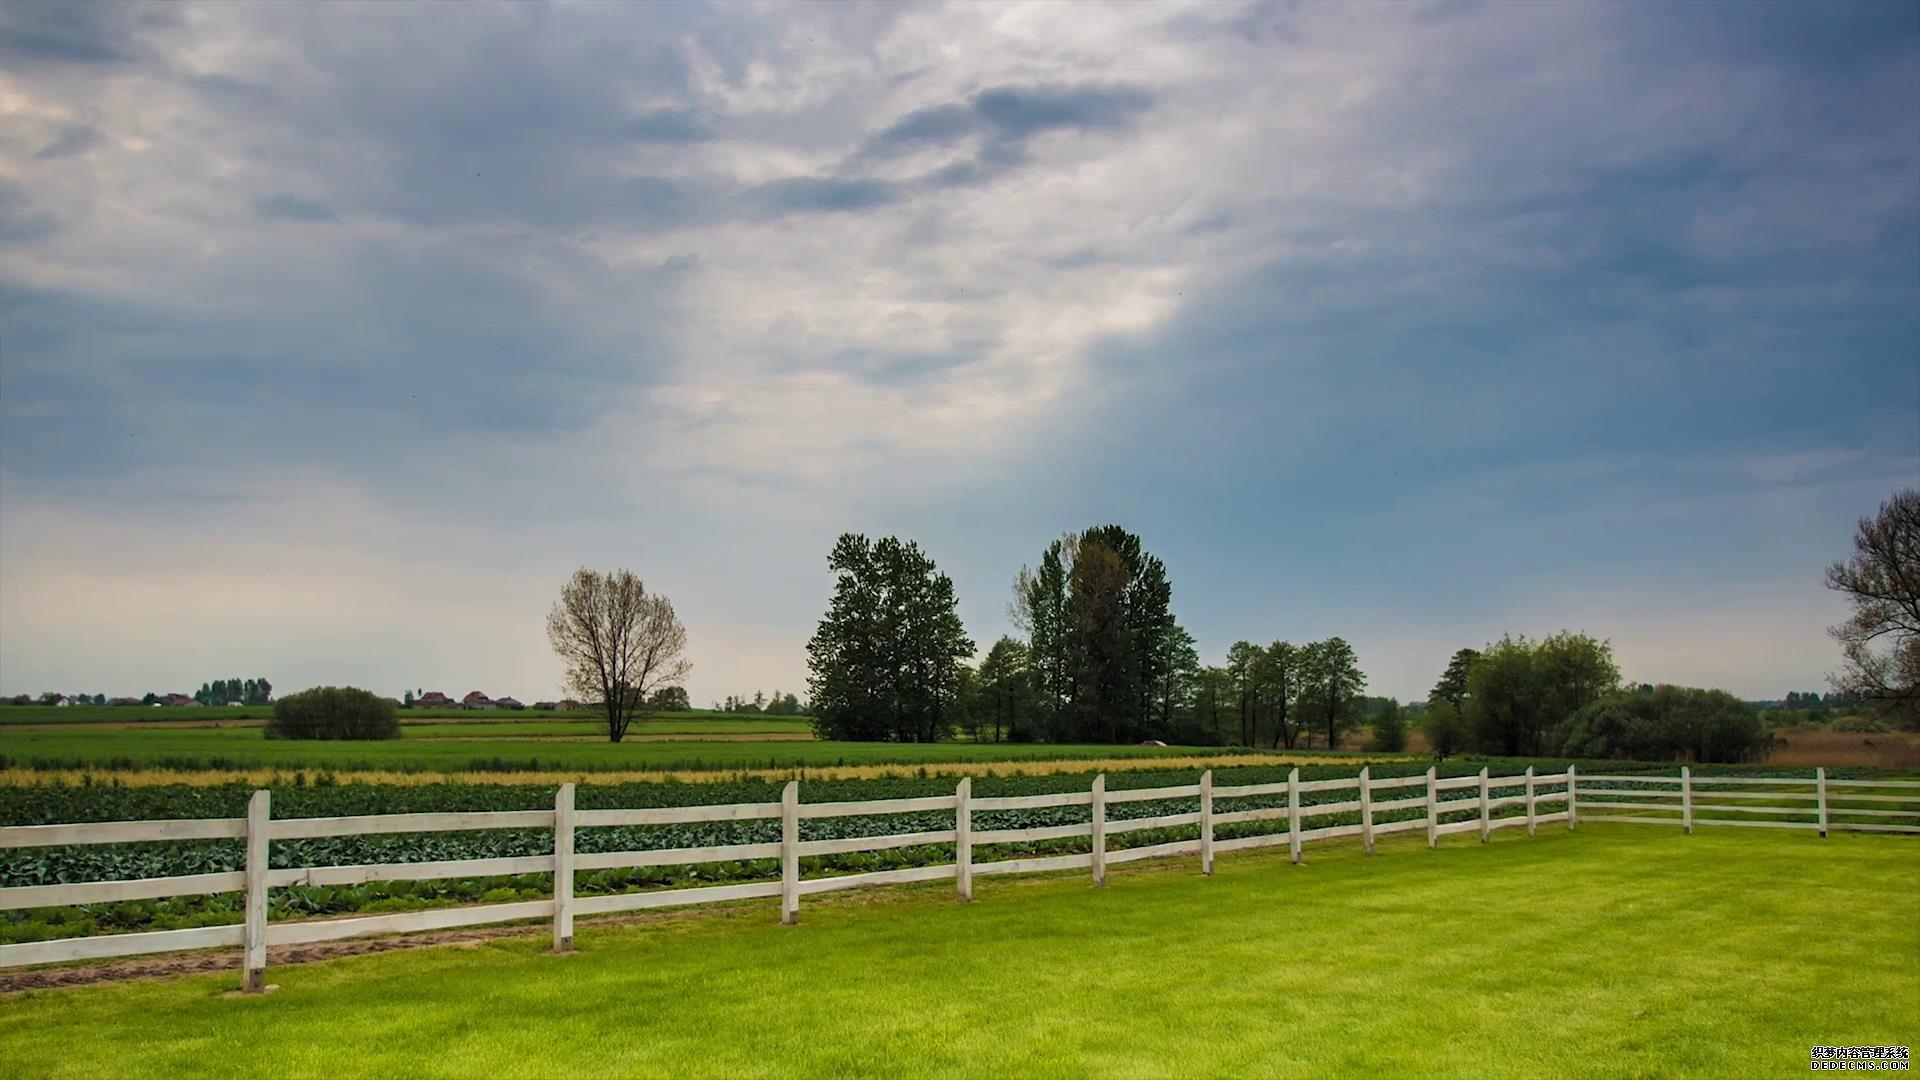 广阔绿地农场仰拍天空白云移动视频素材